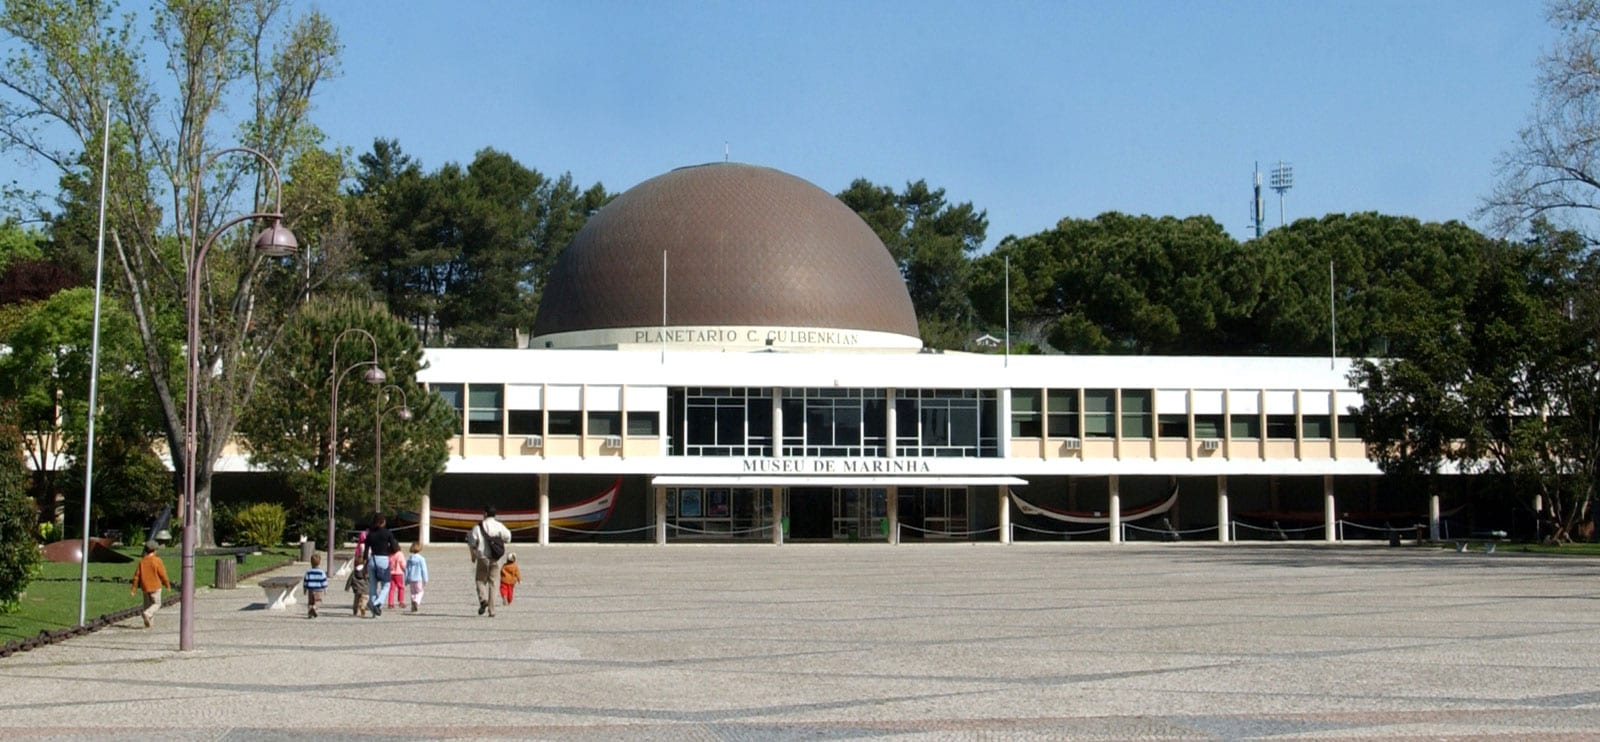 Sítios a visitar com crianças e toda a família: Planetário Calouste Gulbenkian - Museu da Marinha